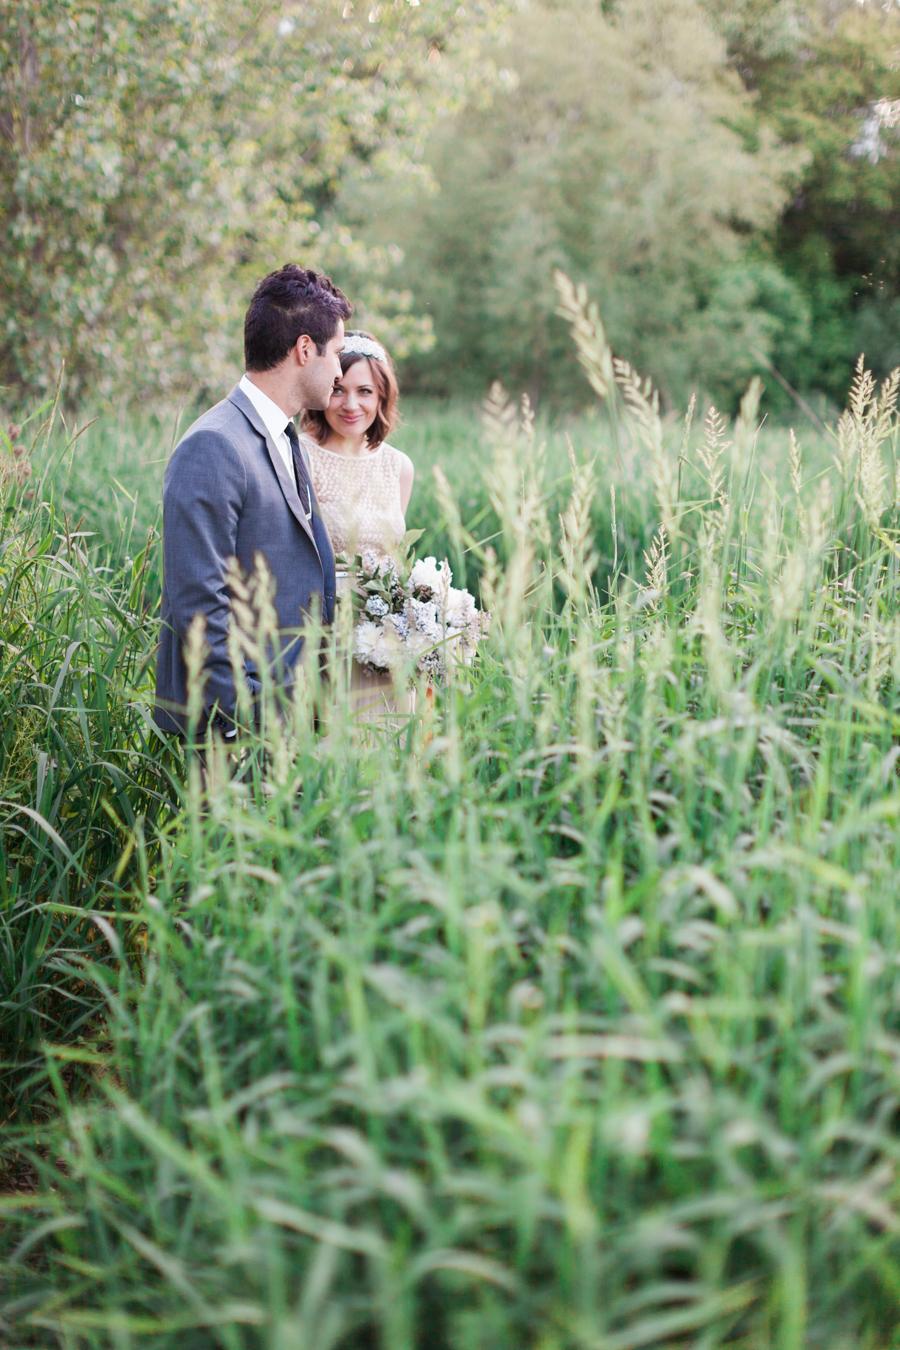 kateweinsteinphoto_megan_chris_wedding_shoot_2.jpg